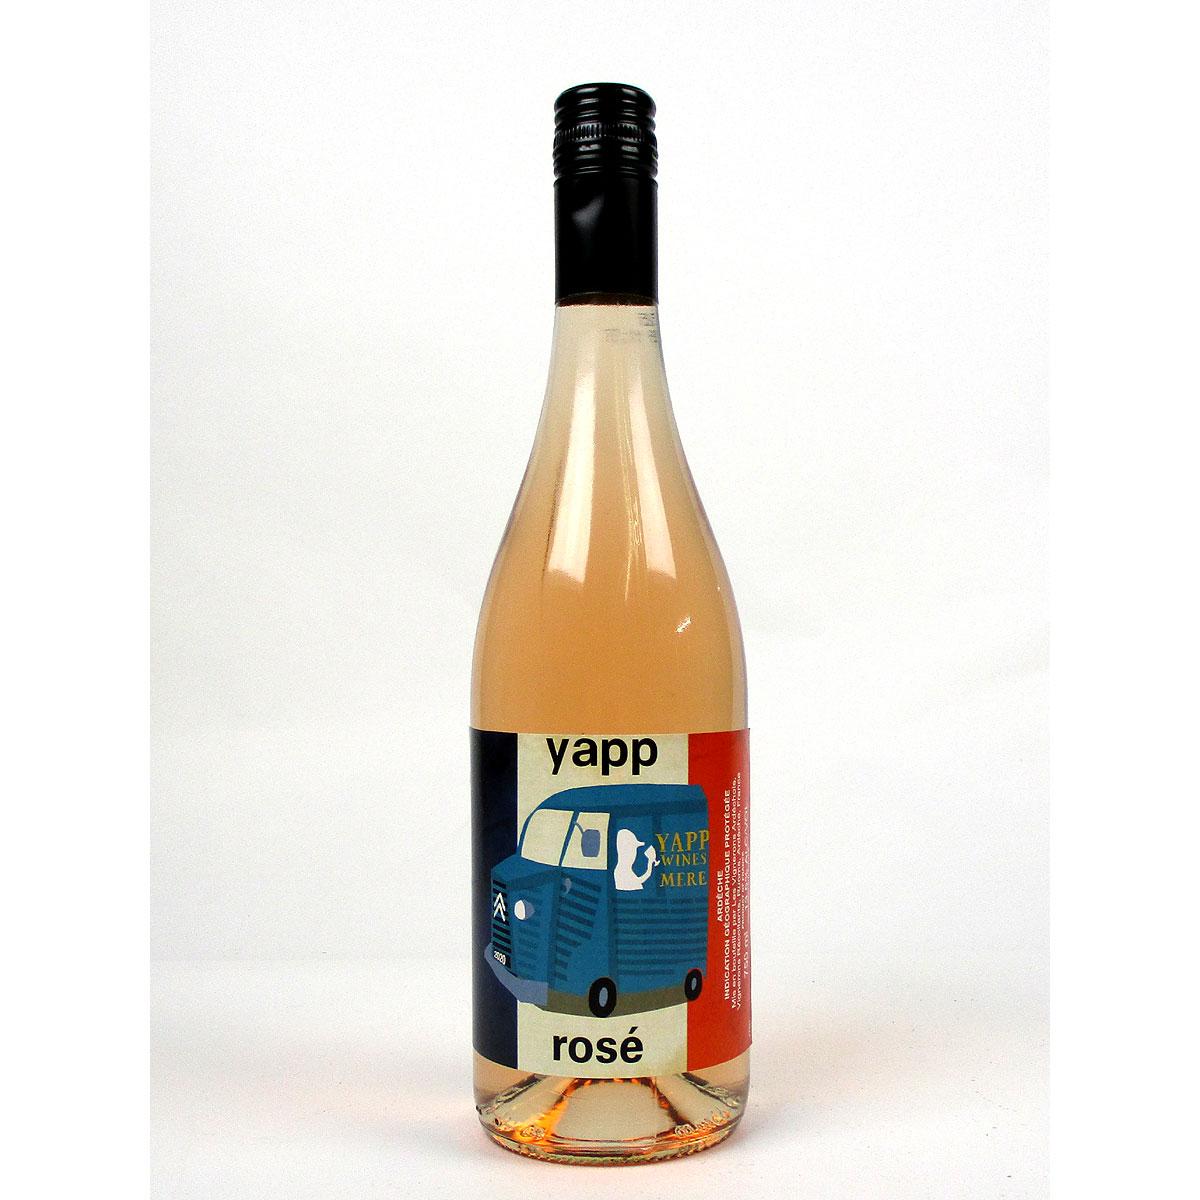 Yapp Rosé 2020 - Bottle